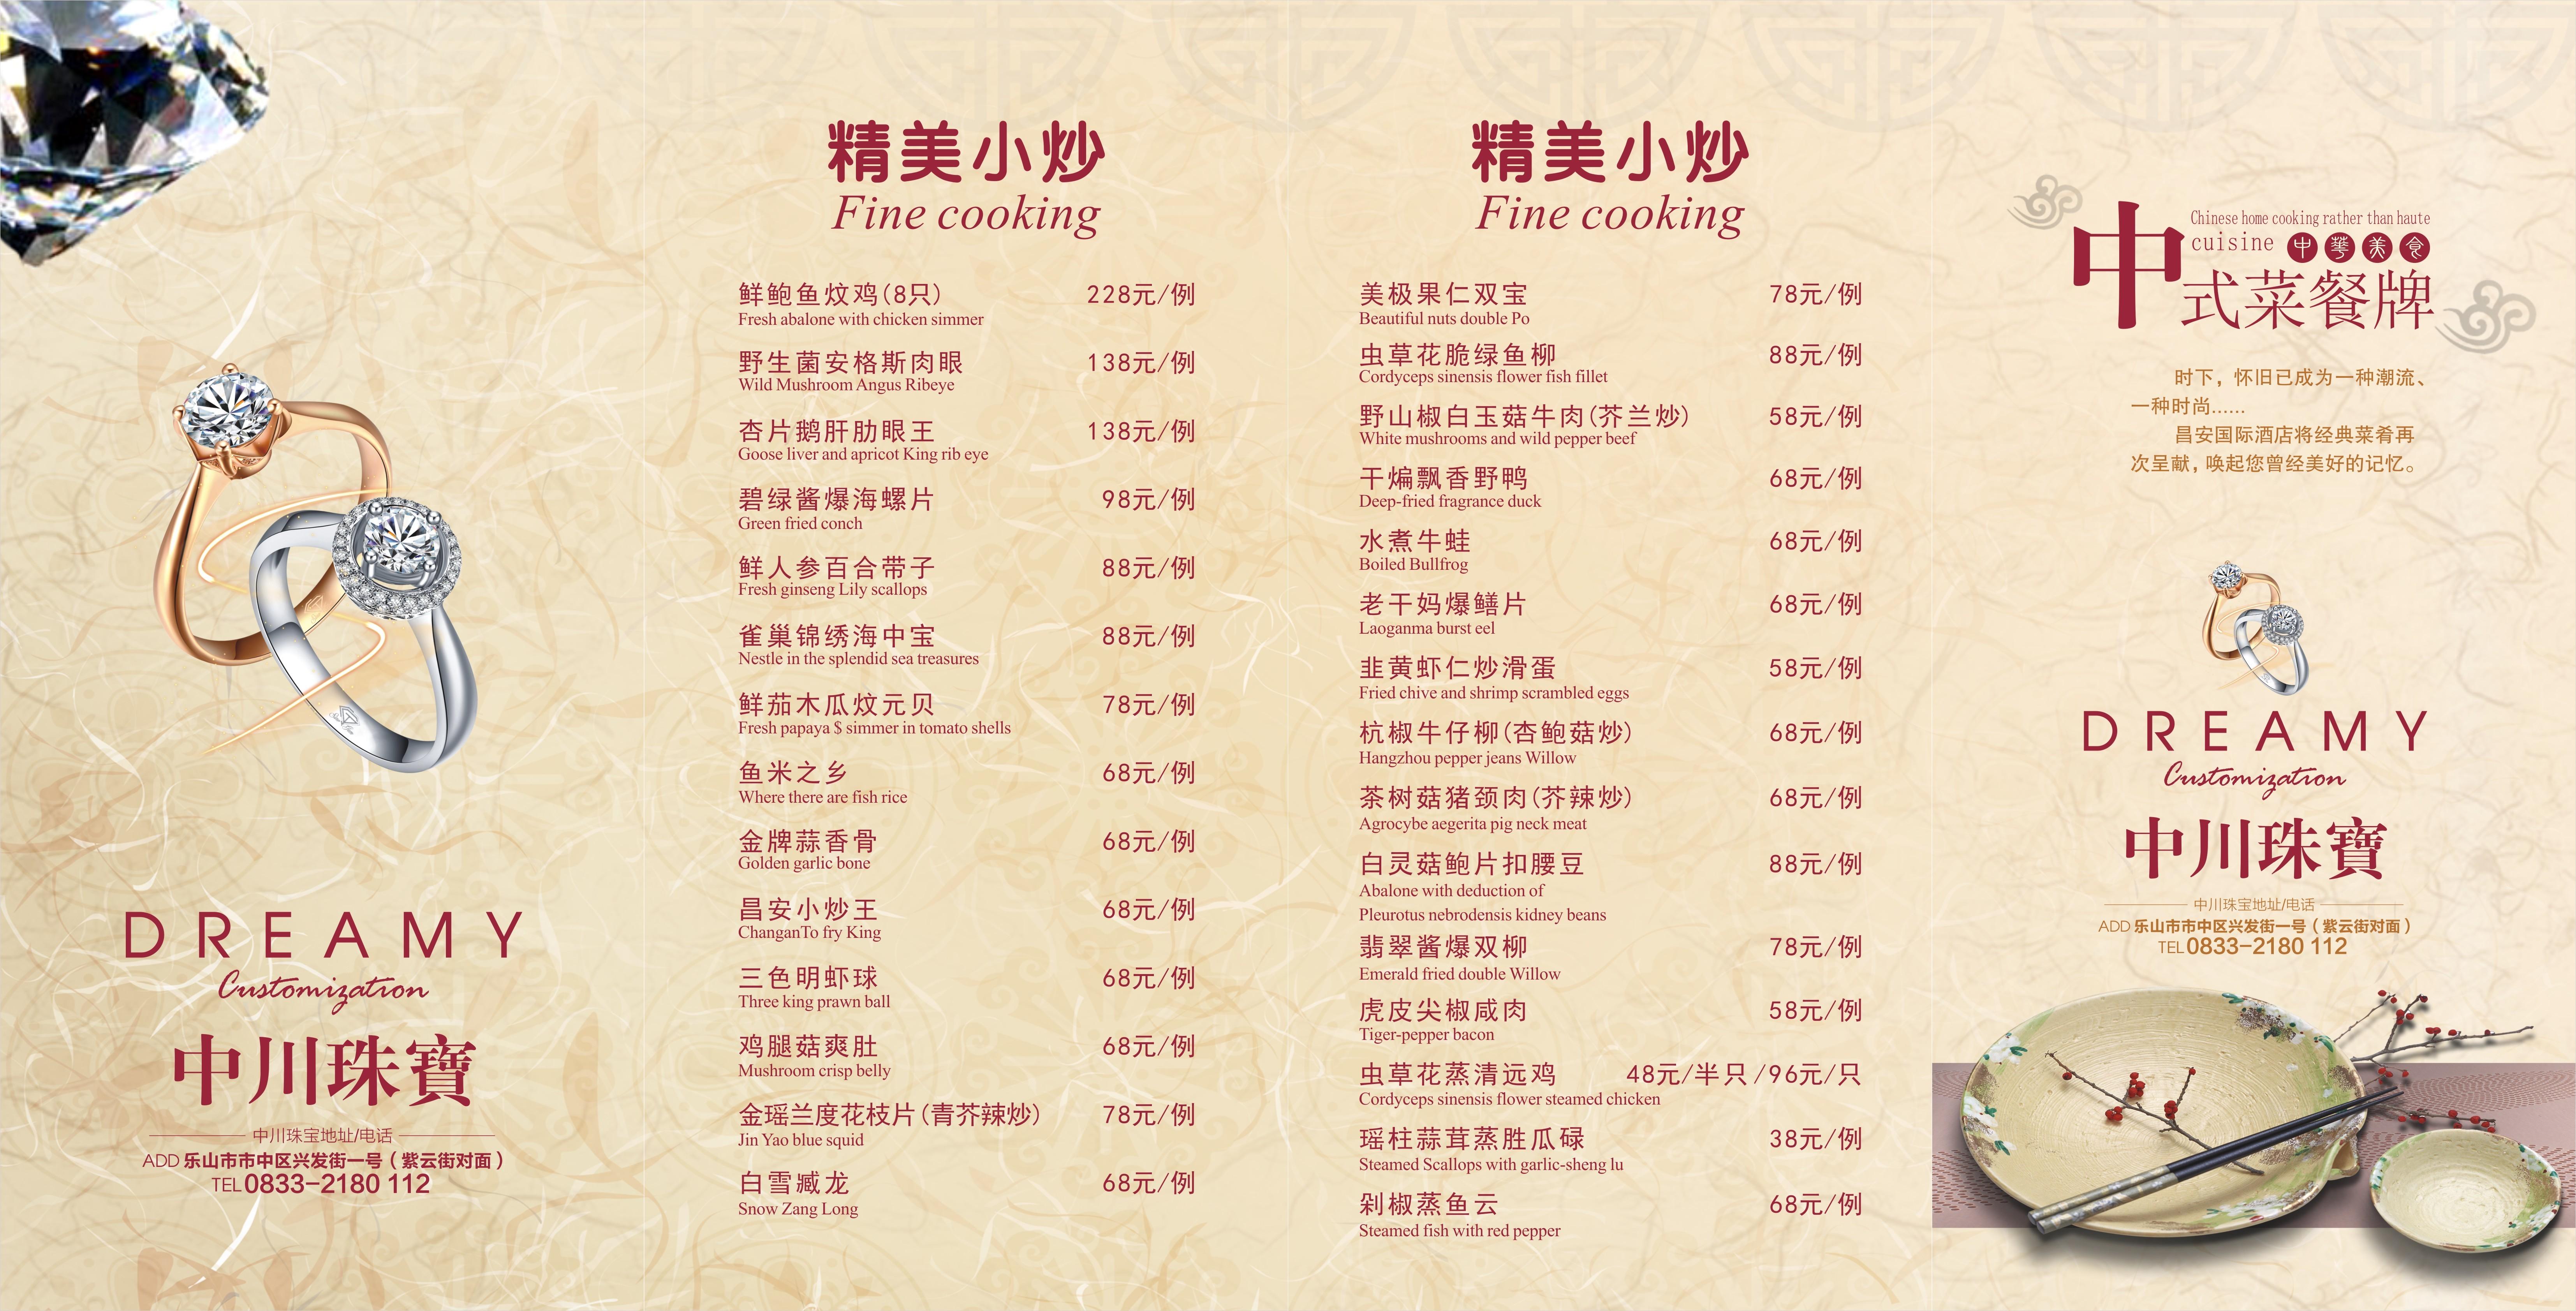 饭店菜单大全及价格表/火锅店菜单价格表图片/酒店菜单大全及价格表